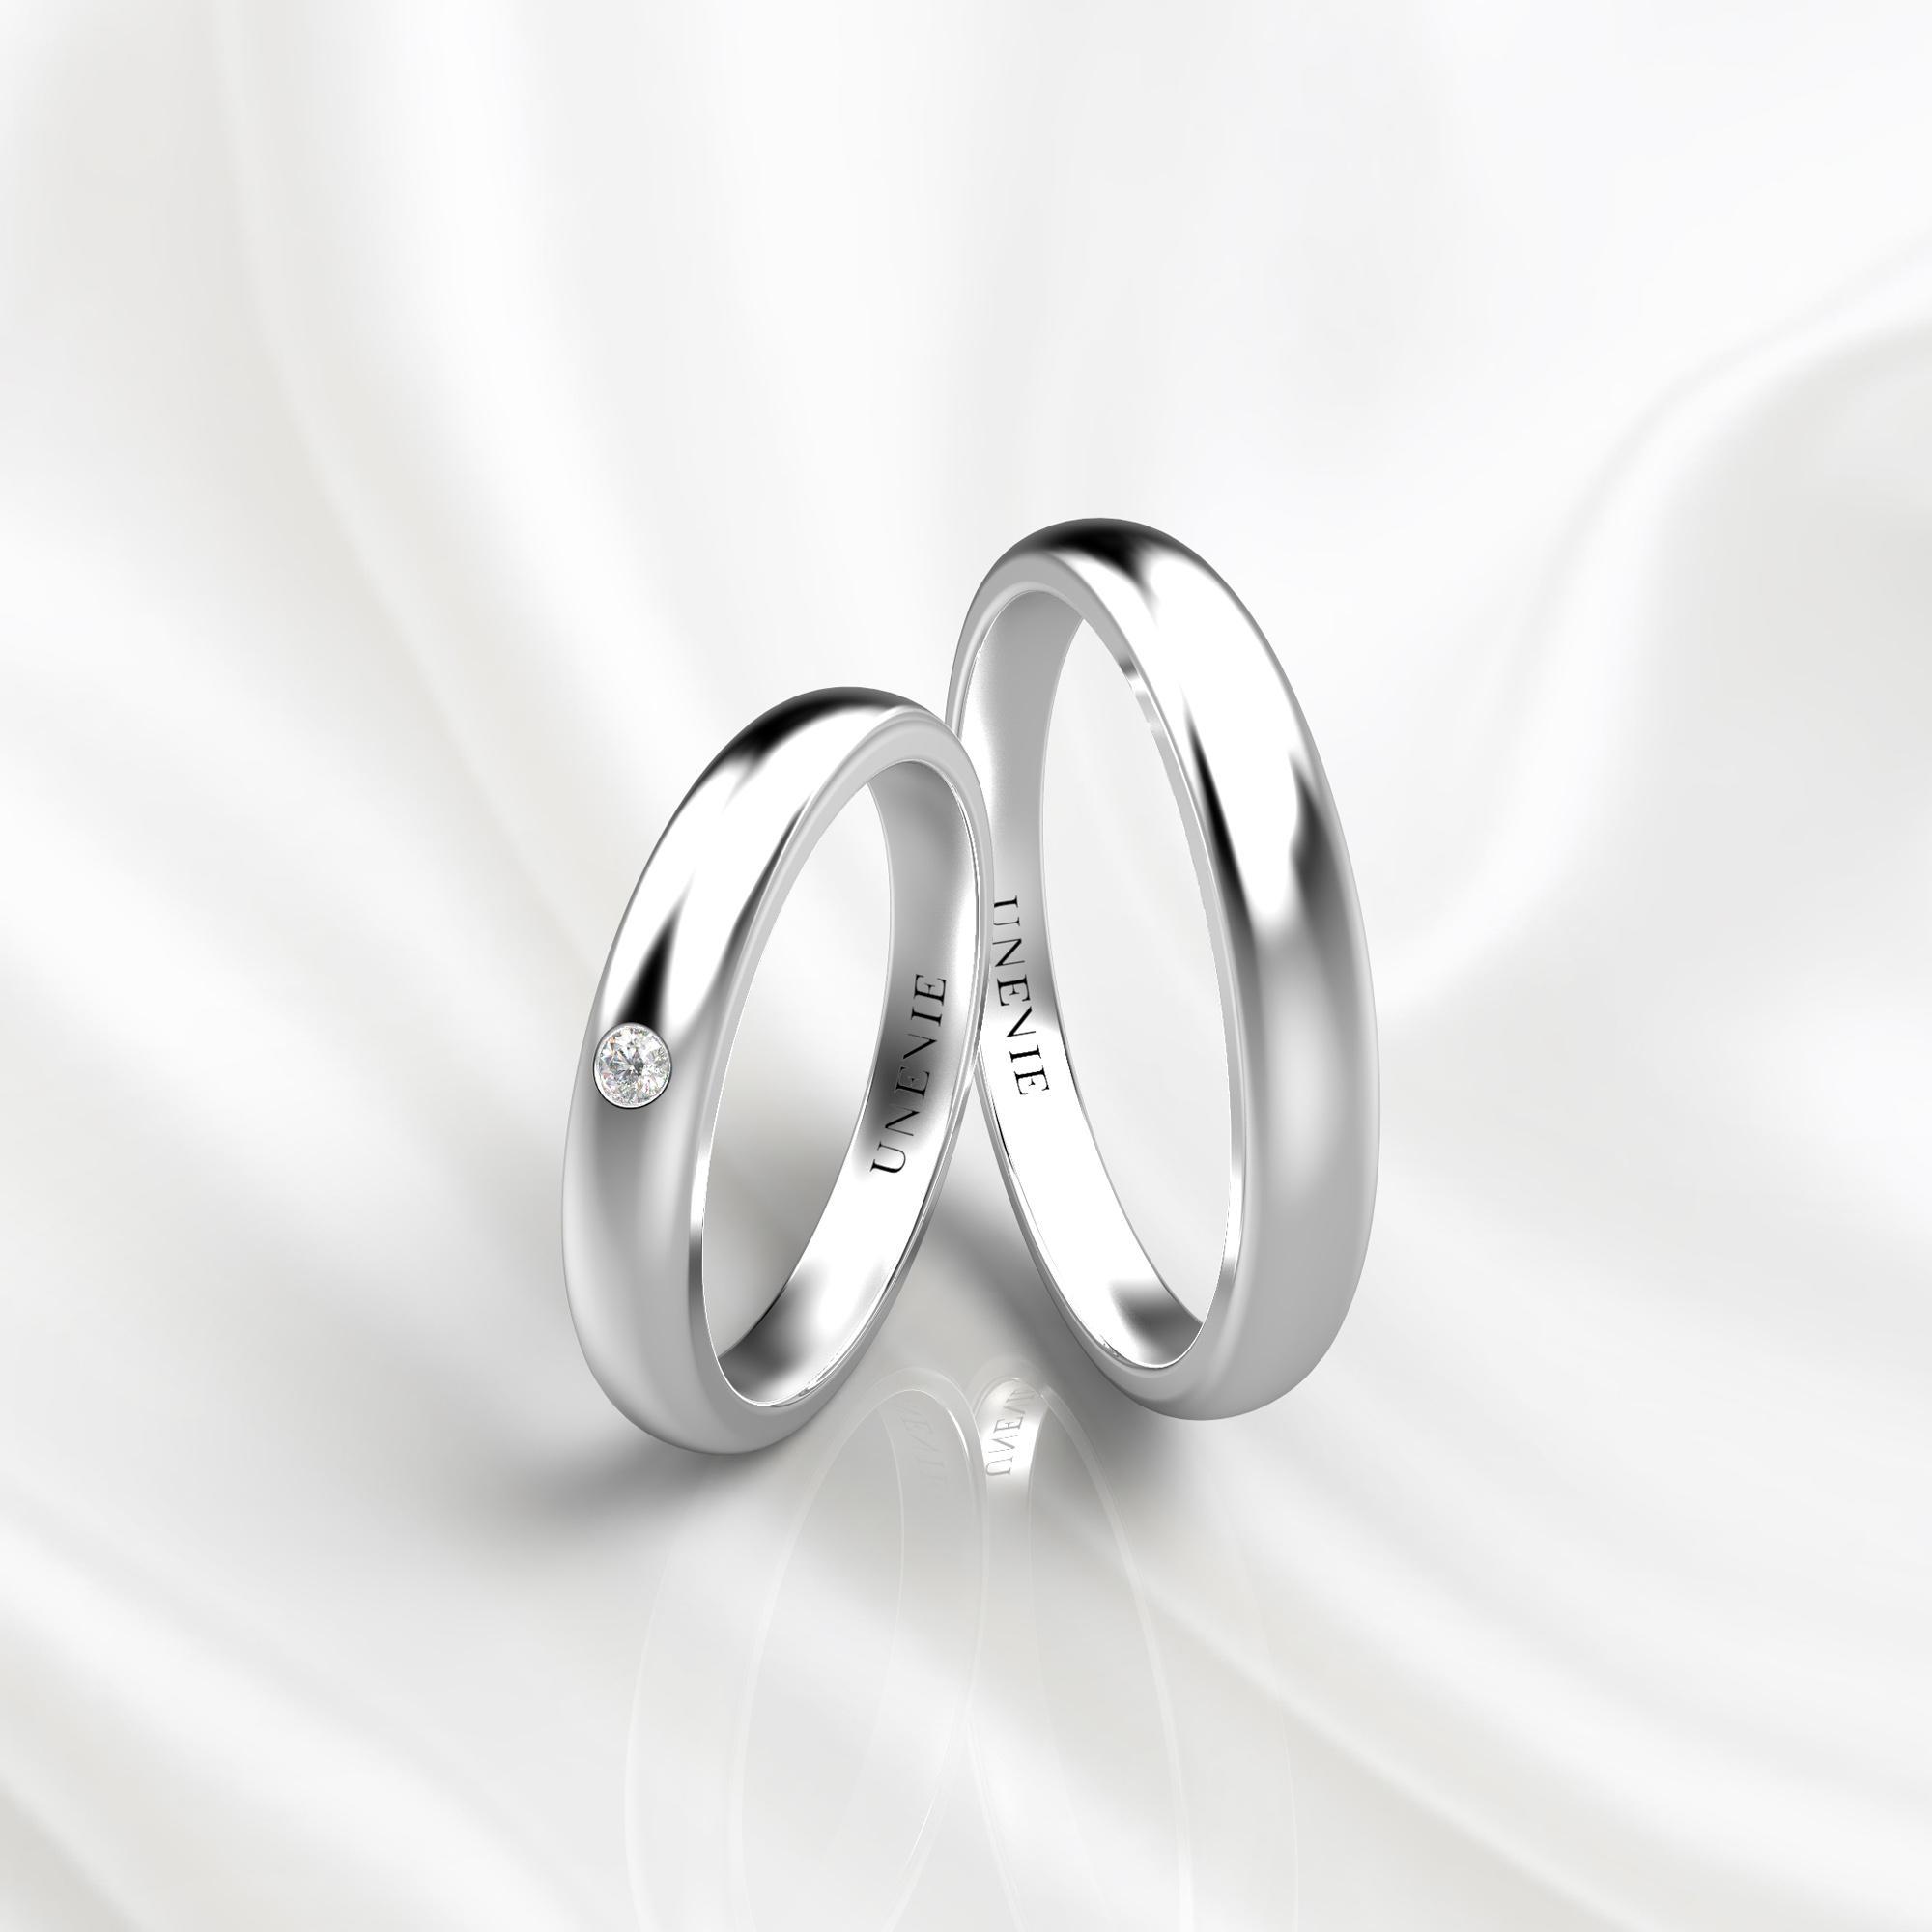 NV46 Парные обручальные кольца из белого золота с бриллиантом